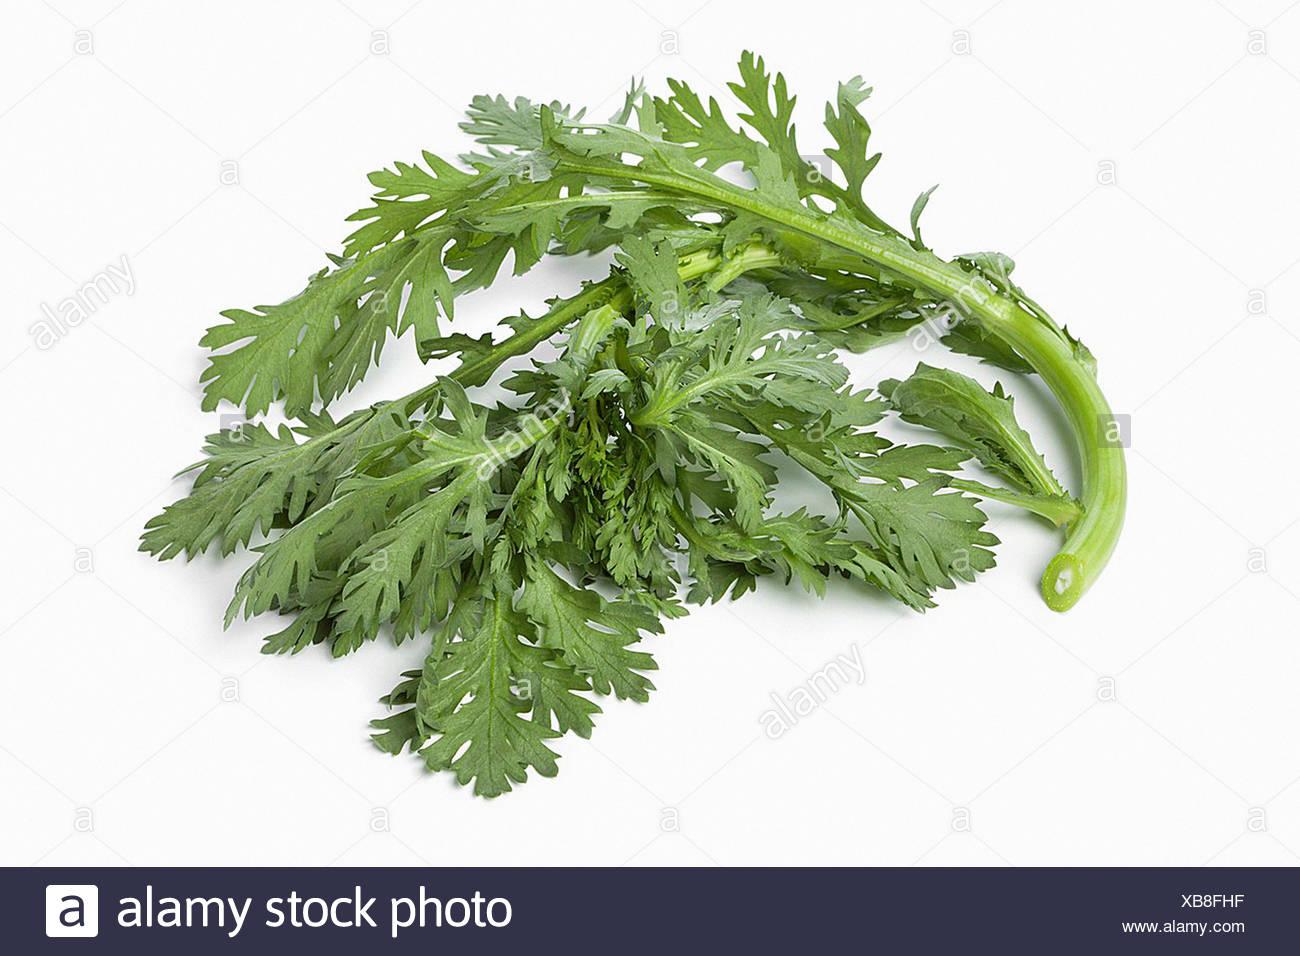 Twig of fresh green Shungiku on white background Stock Photo